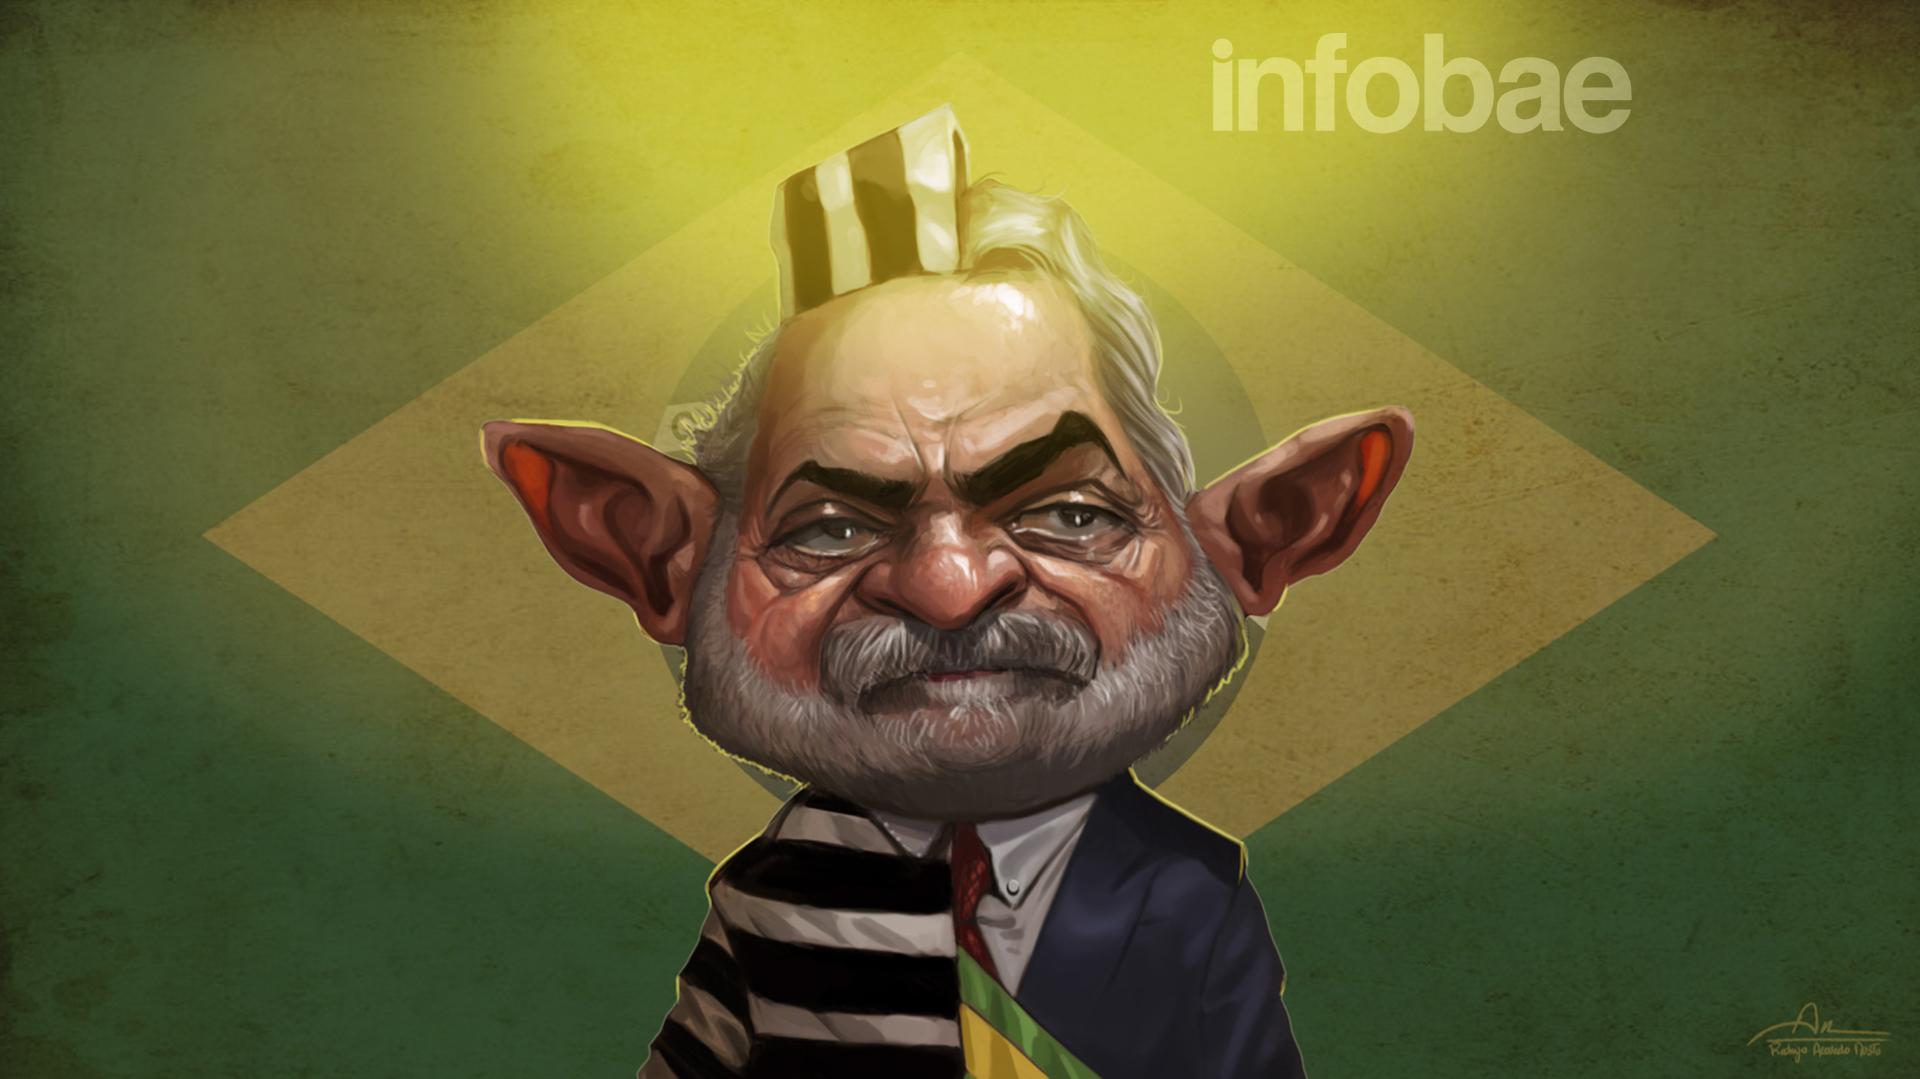 Lula da Silva, entre la amenaza de la cárcel y las aspiraciones presidenciales (Rodrigo J. Acevedo Musto)